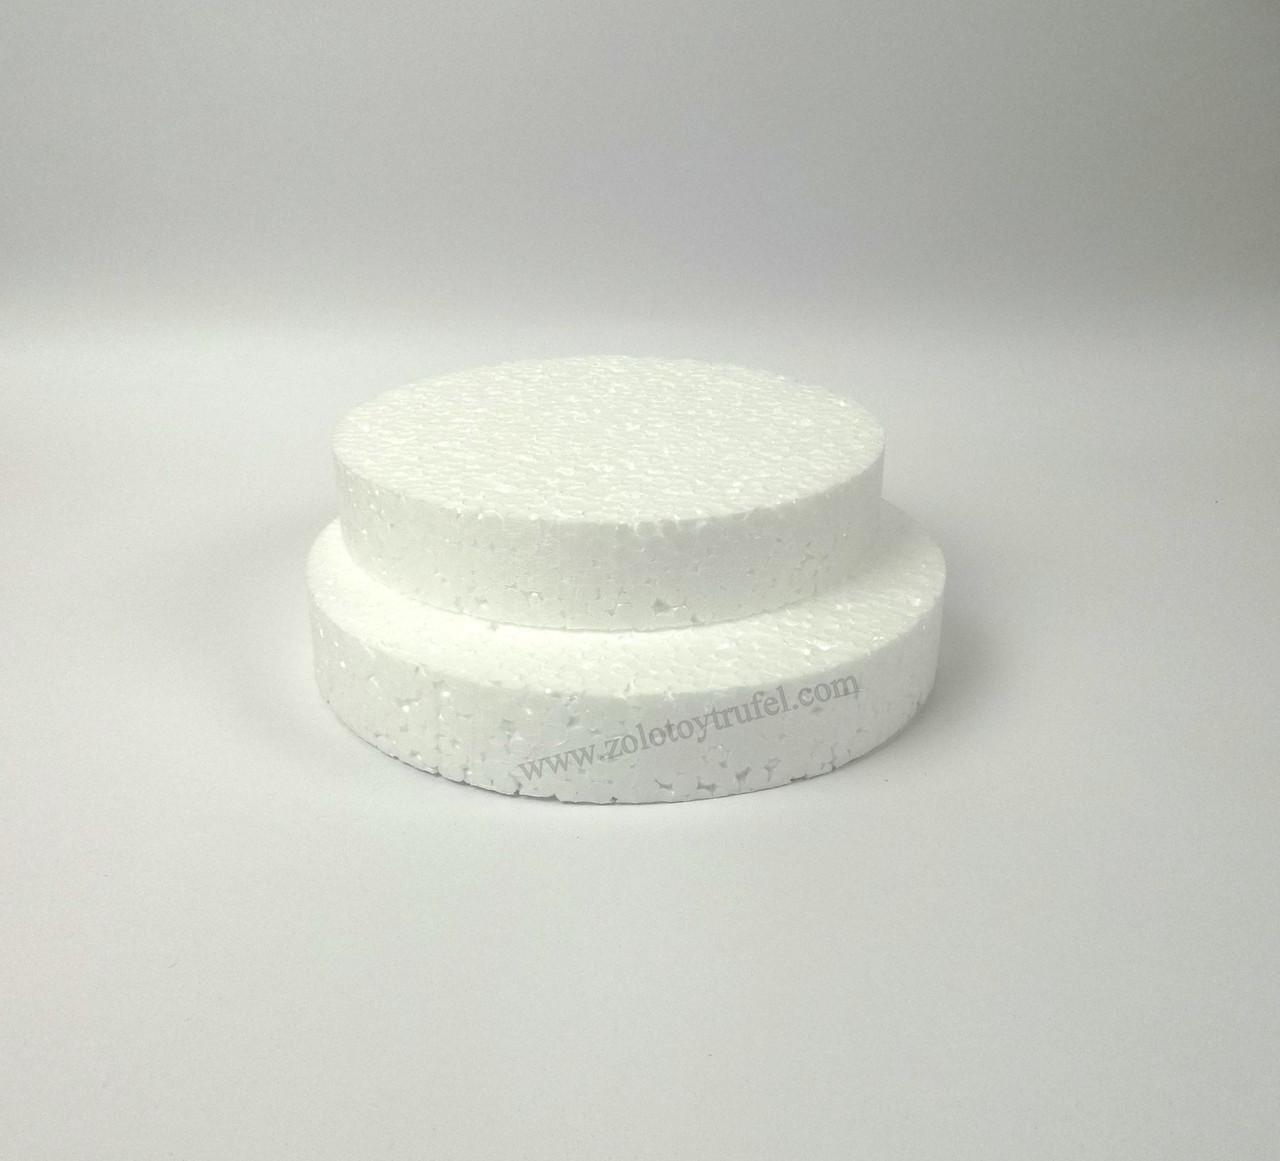 Прослойка пенопластовая для торта d 12 см h 3 см